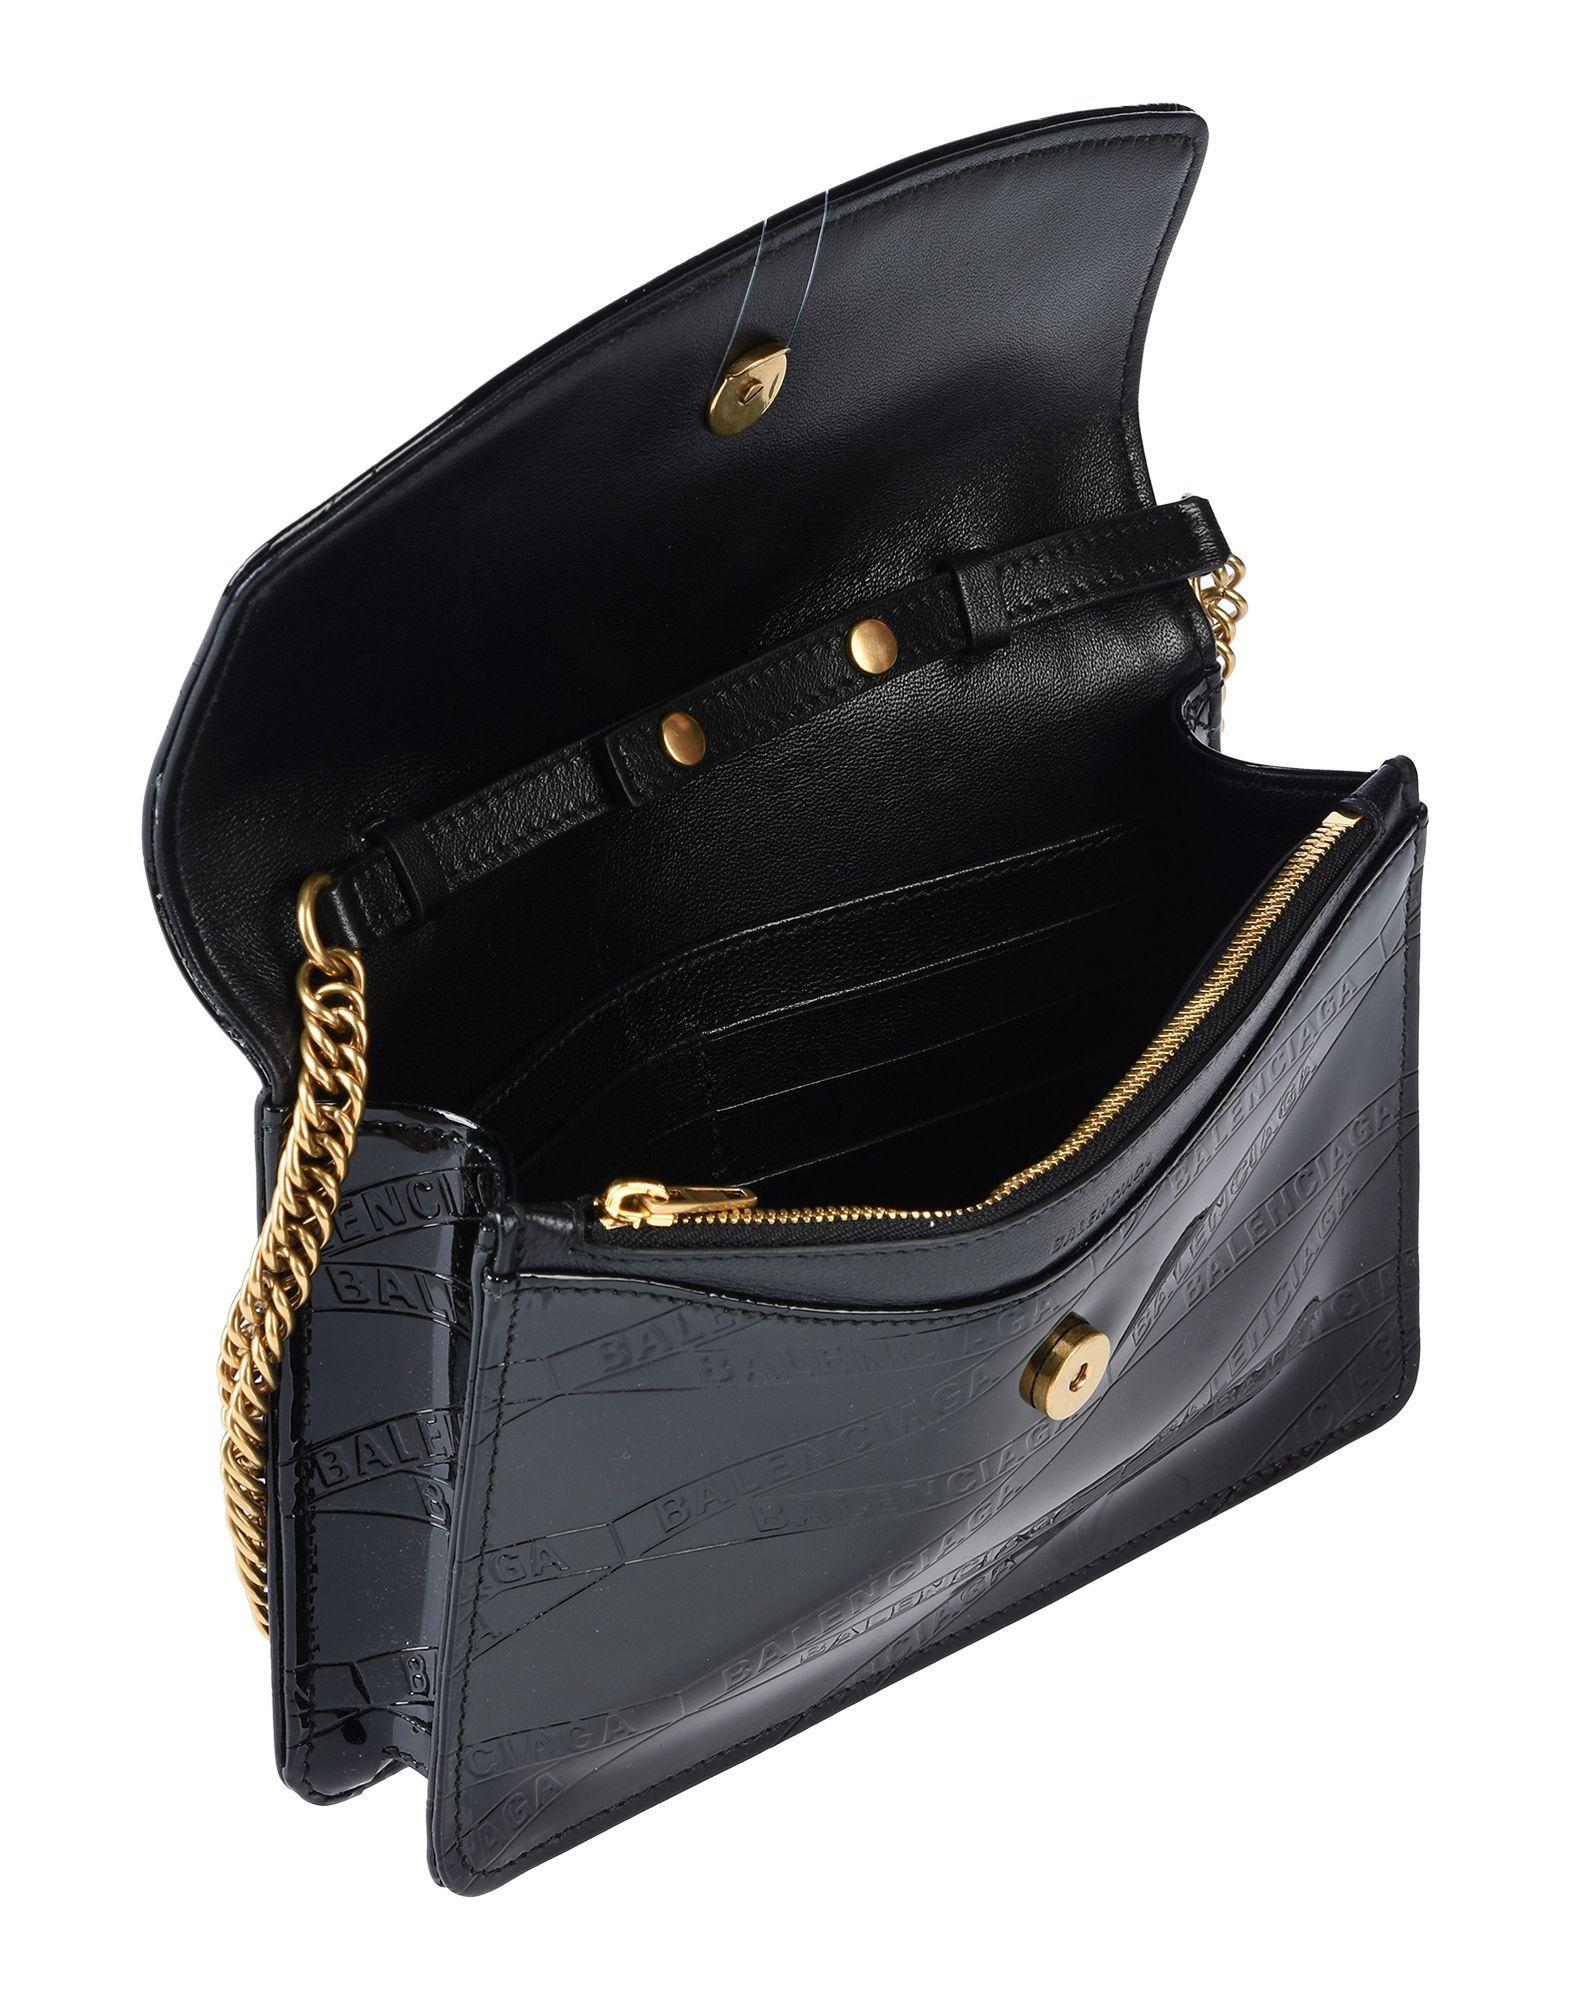 Balenciaga Handtaschen in Schwarz HPZgw